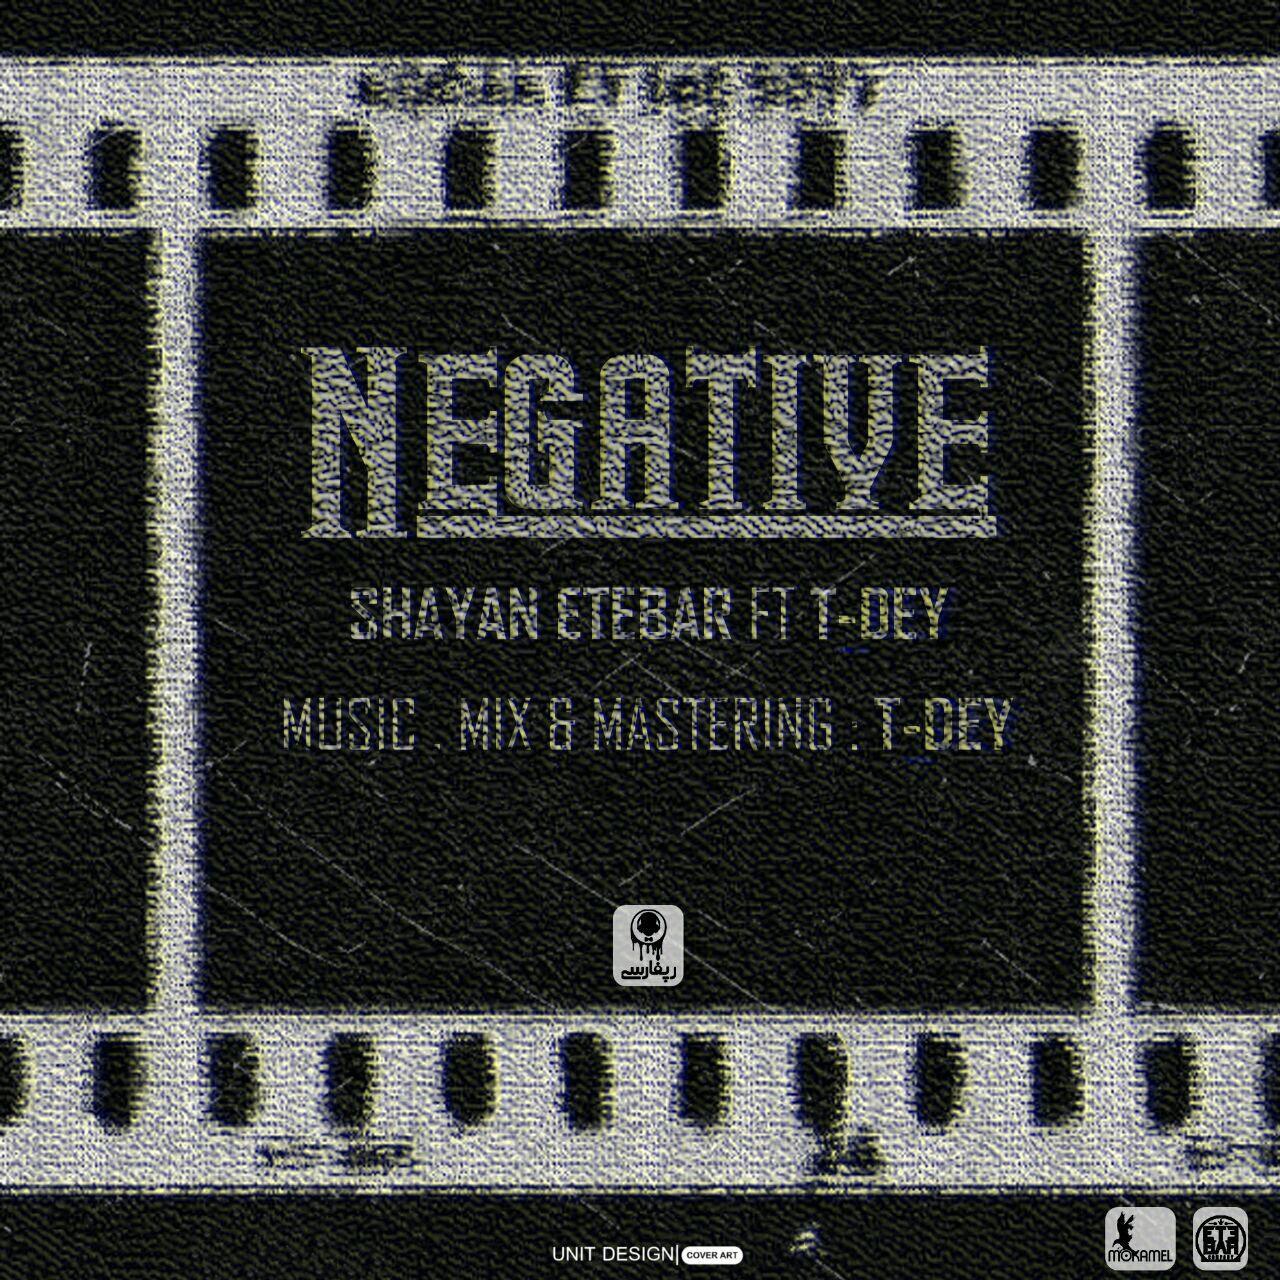 دانلود موزیک جدید و بسیار زیبای شایان اعتبار و تی دی به نام نگاتیو